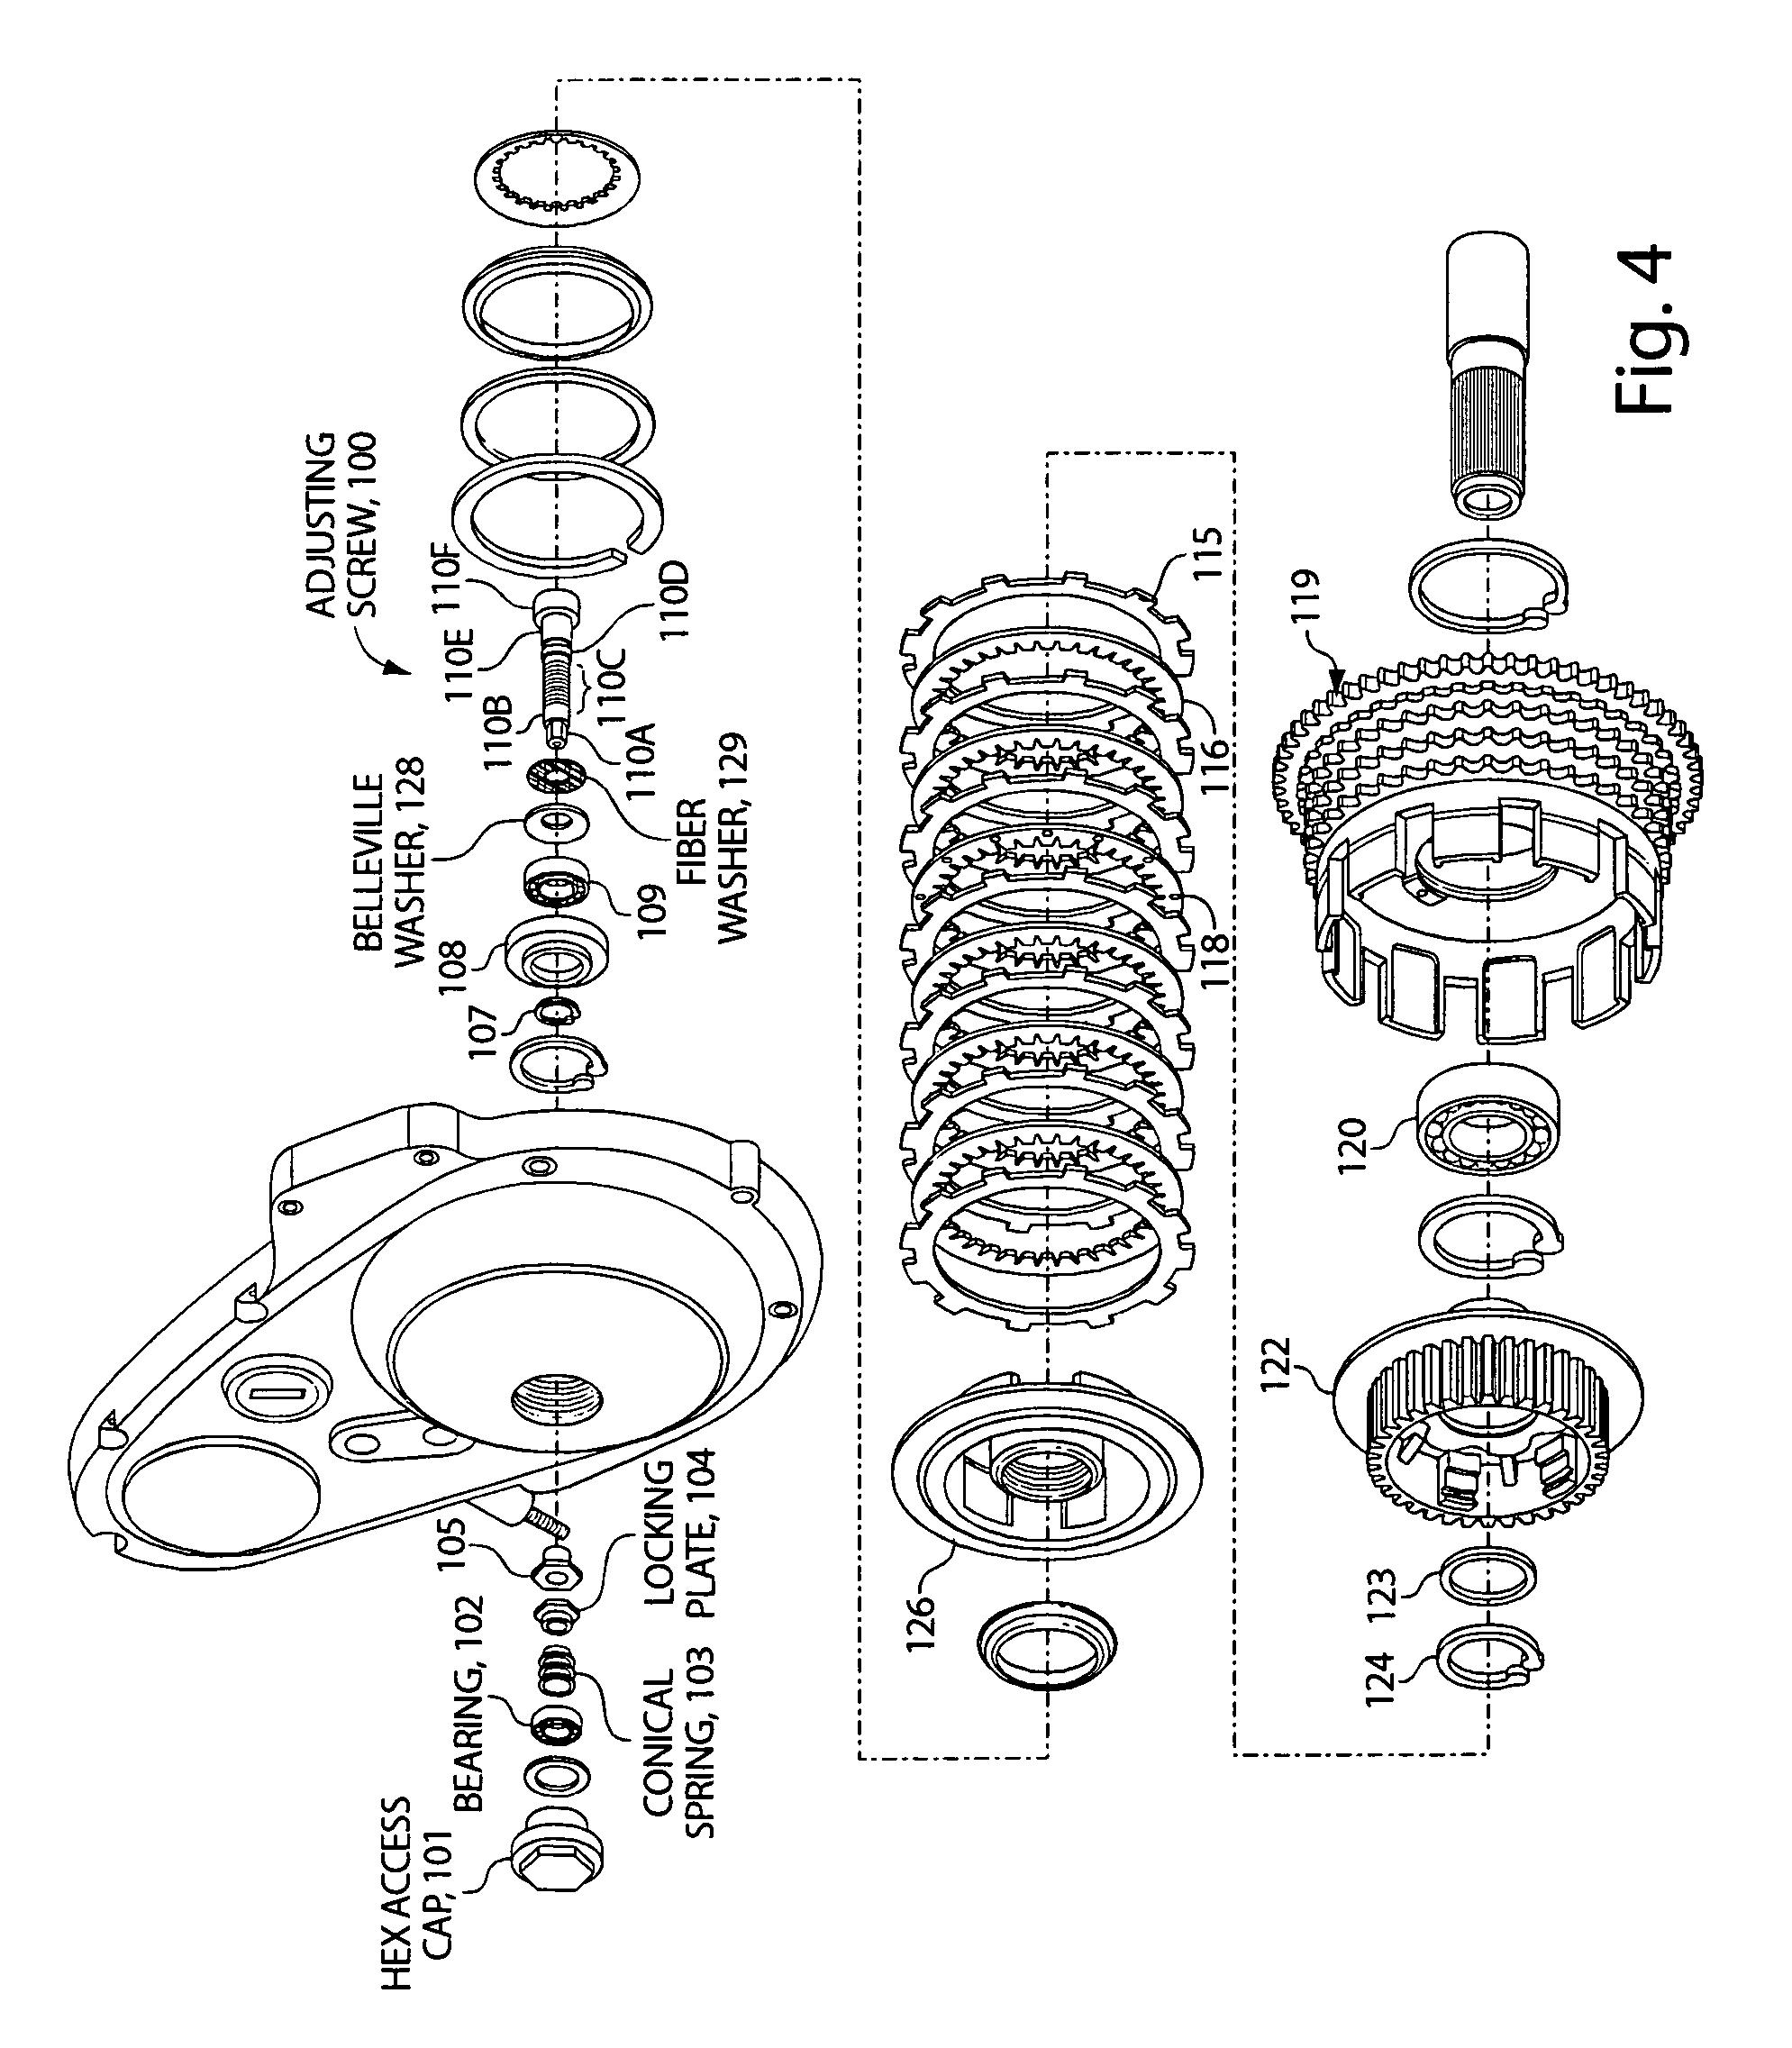 1977 Harley Davidson Shovelhead Engine Diagrams Diagram